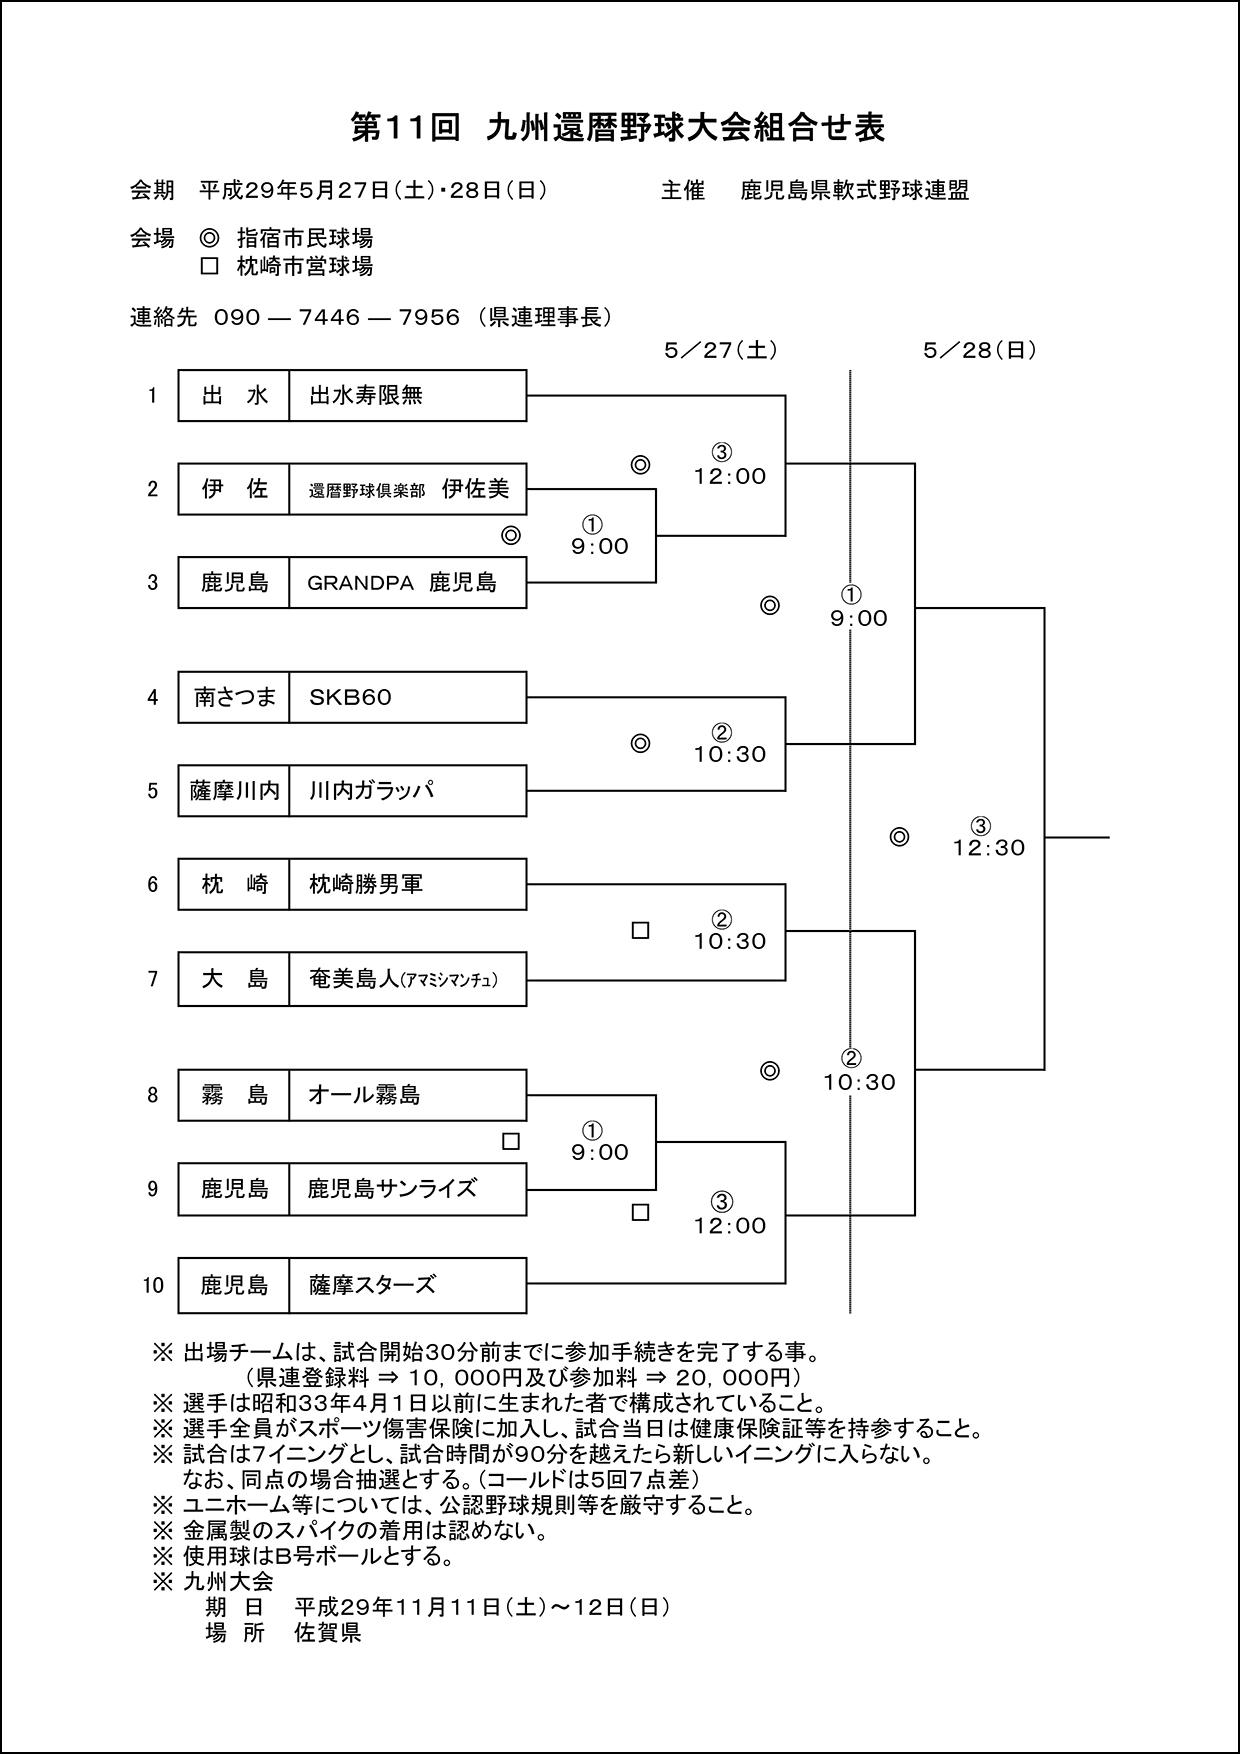 【組合せ】第11回九州還暦野球大会組合せ